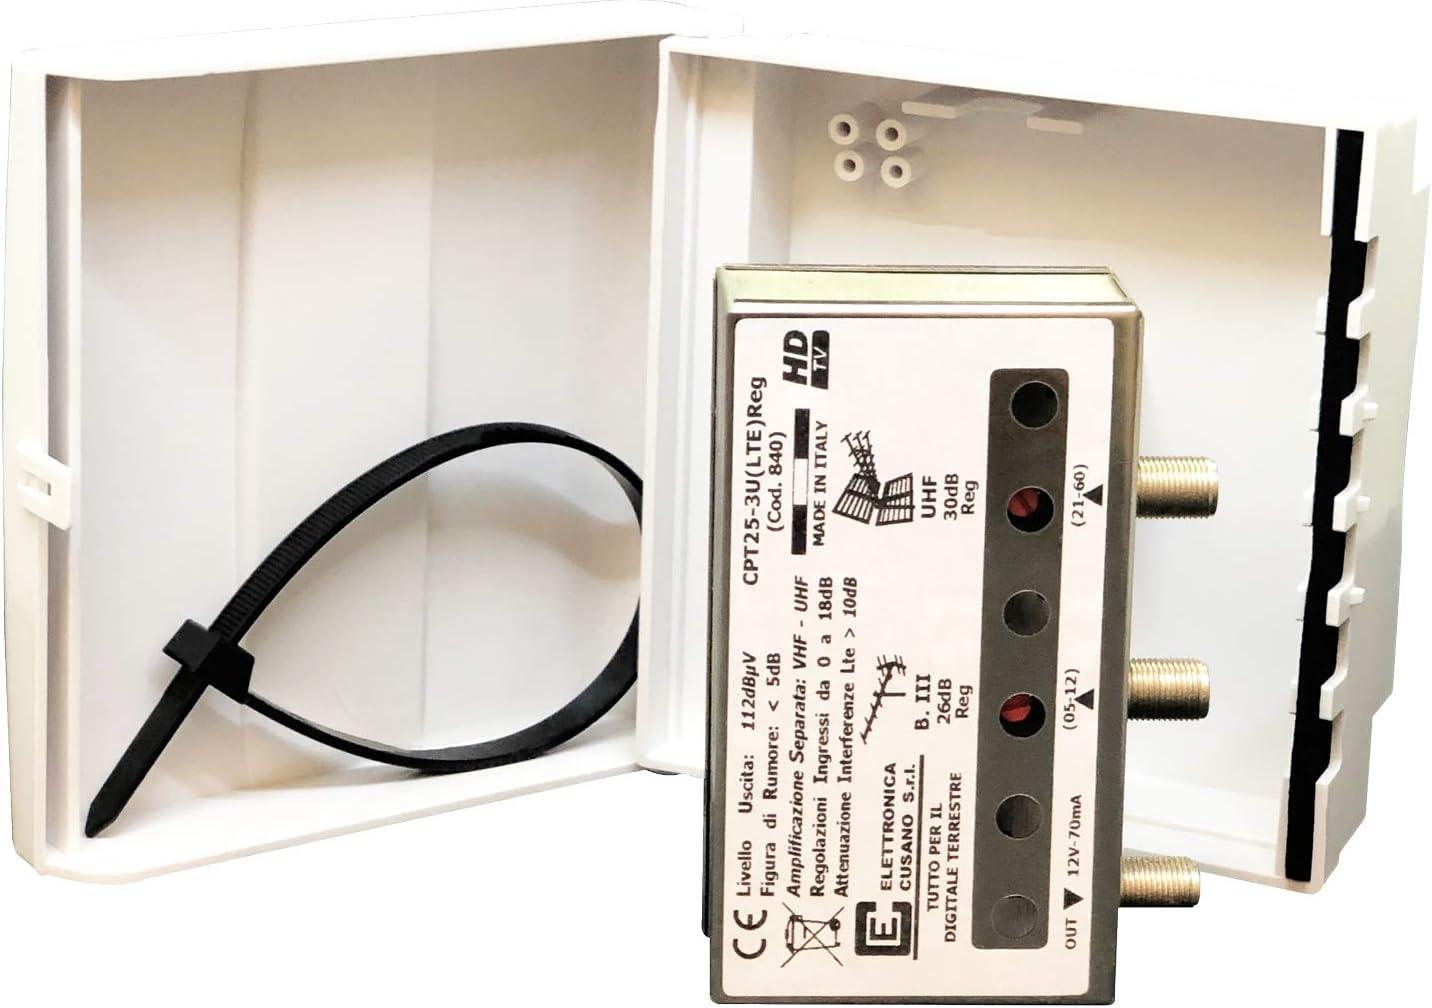 cpt25 – 3U (LTE) REG – Amplificador de Poste con Filtro LTE de 2 entradas: III O UHF – Ganancia 26dB – para Zonas con señal de Media/Baja Intensidad